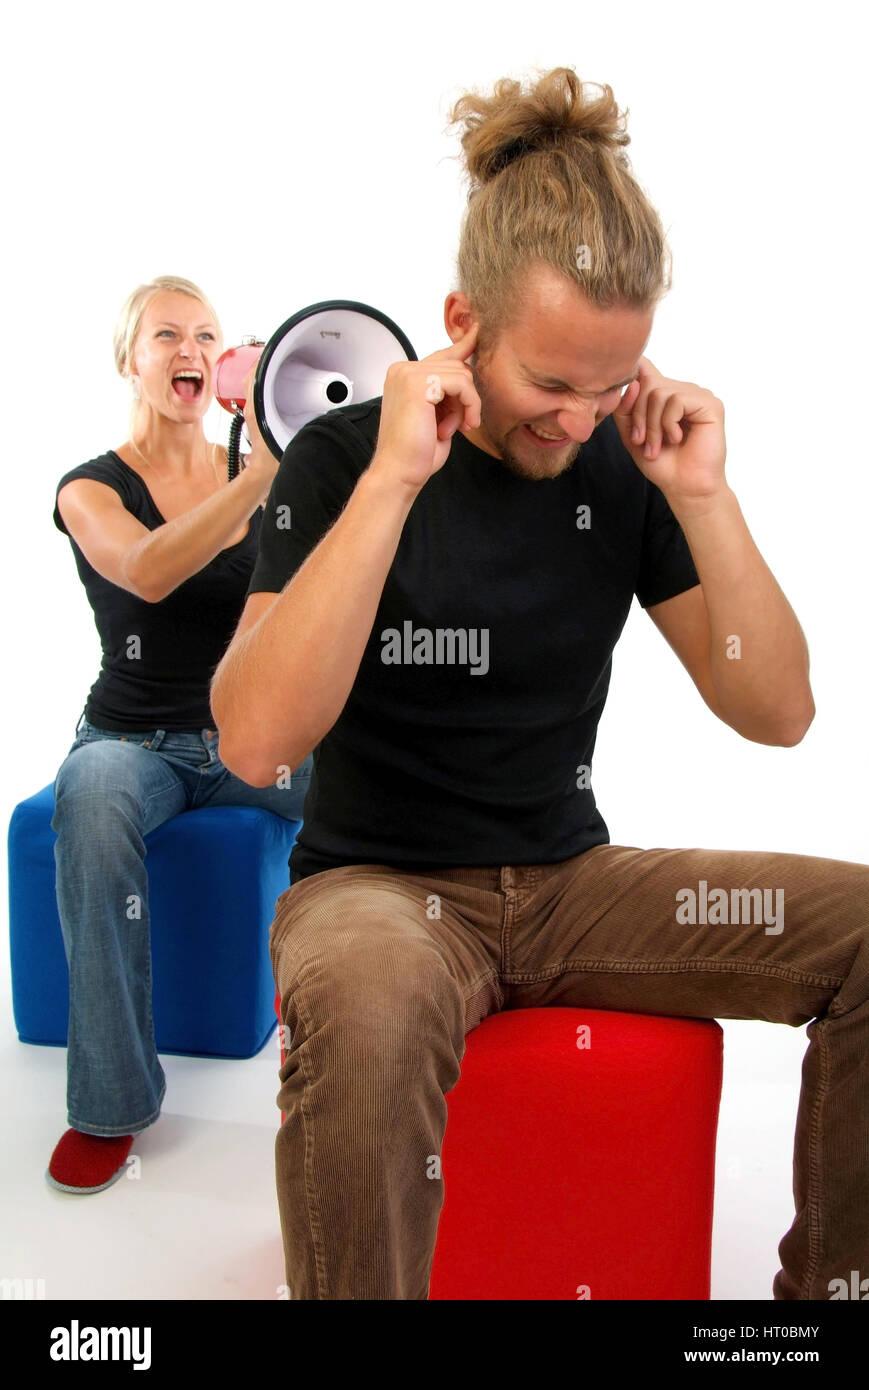 Symbolbild Beziehungskrise, Junge Frau schreit in Megaphon, Mann h?lt dsich die Ohren zu - symbolic for marital quarrel Stock Photo